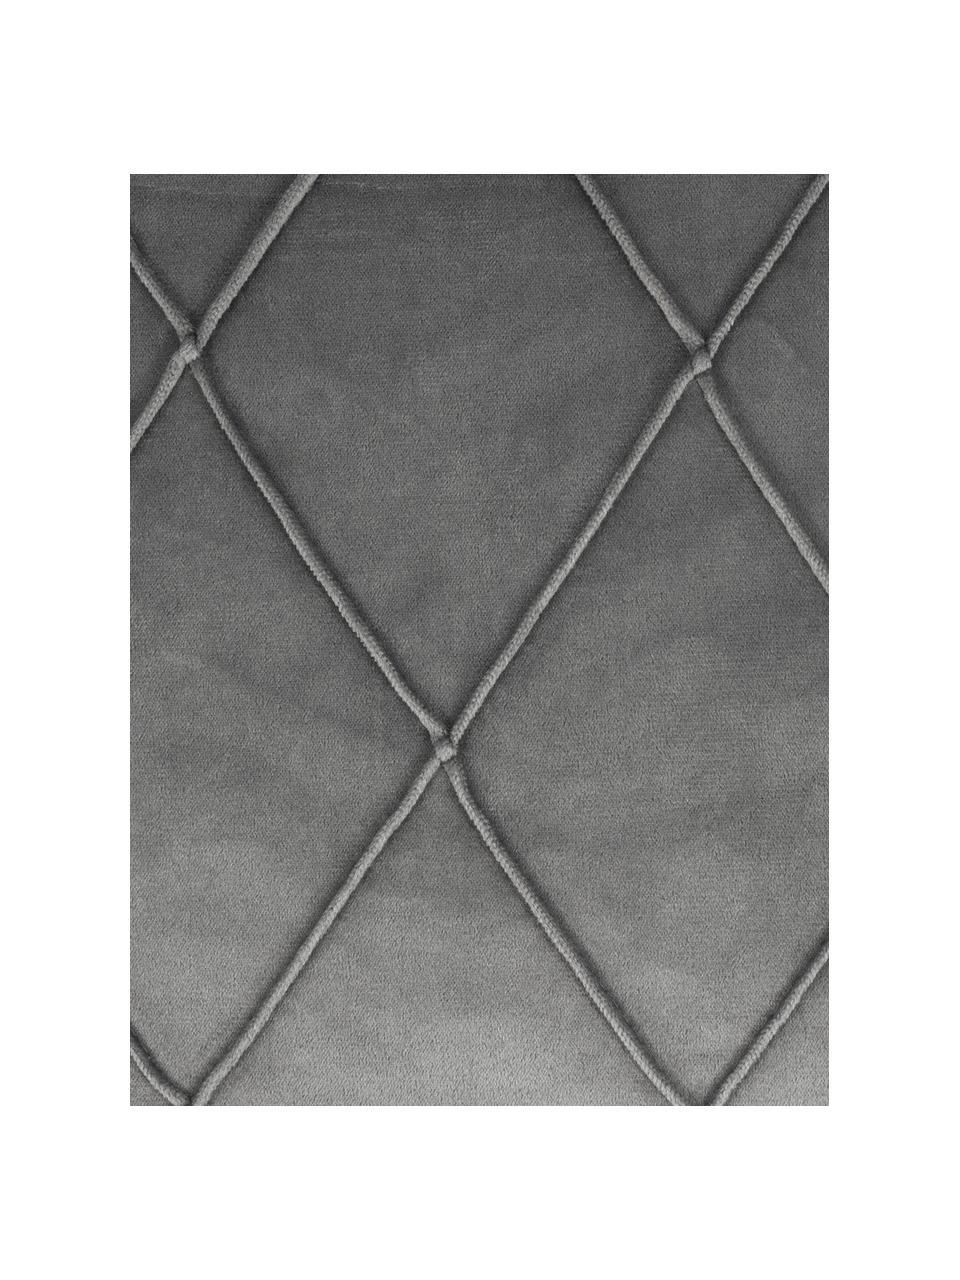 Federa arredo in velluto con motivo a rombi Nobless, 100% velluto di poliestere, Grigio, Larg. 40 x Lung. 40 cm